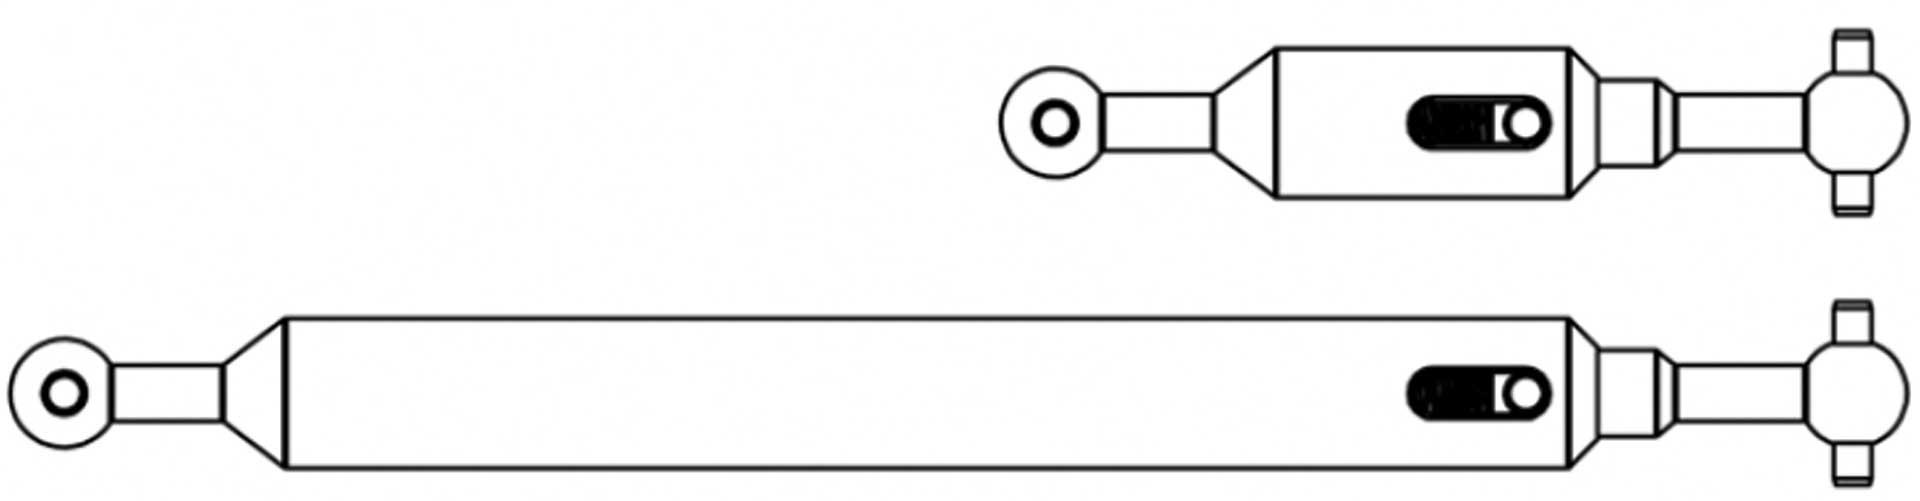 TAMIYA 1:14 Antriebswellen-Set (2) 6x4 Ausgl.